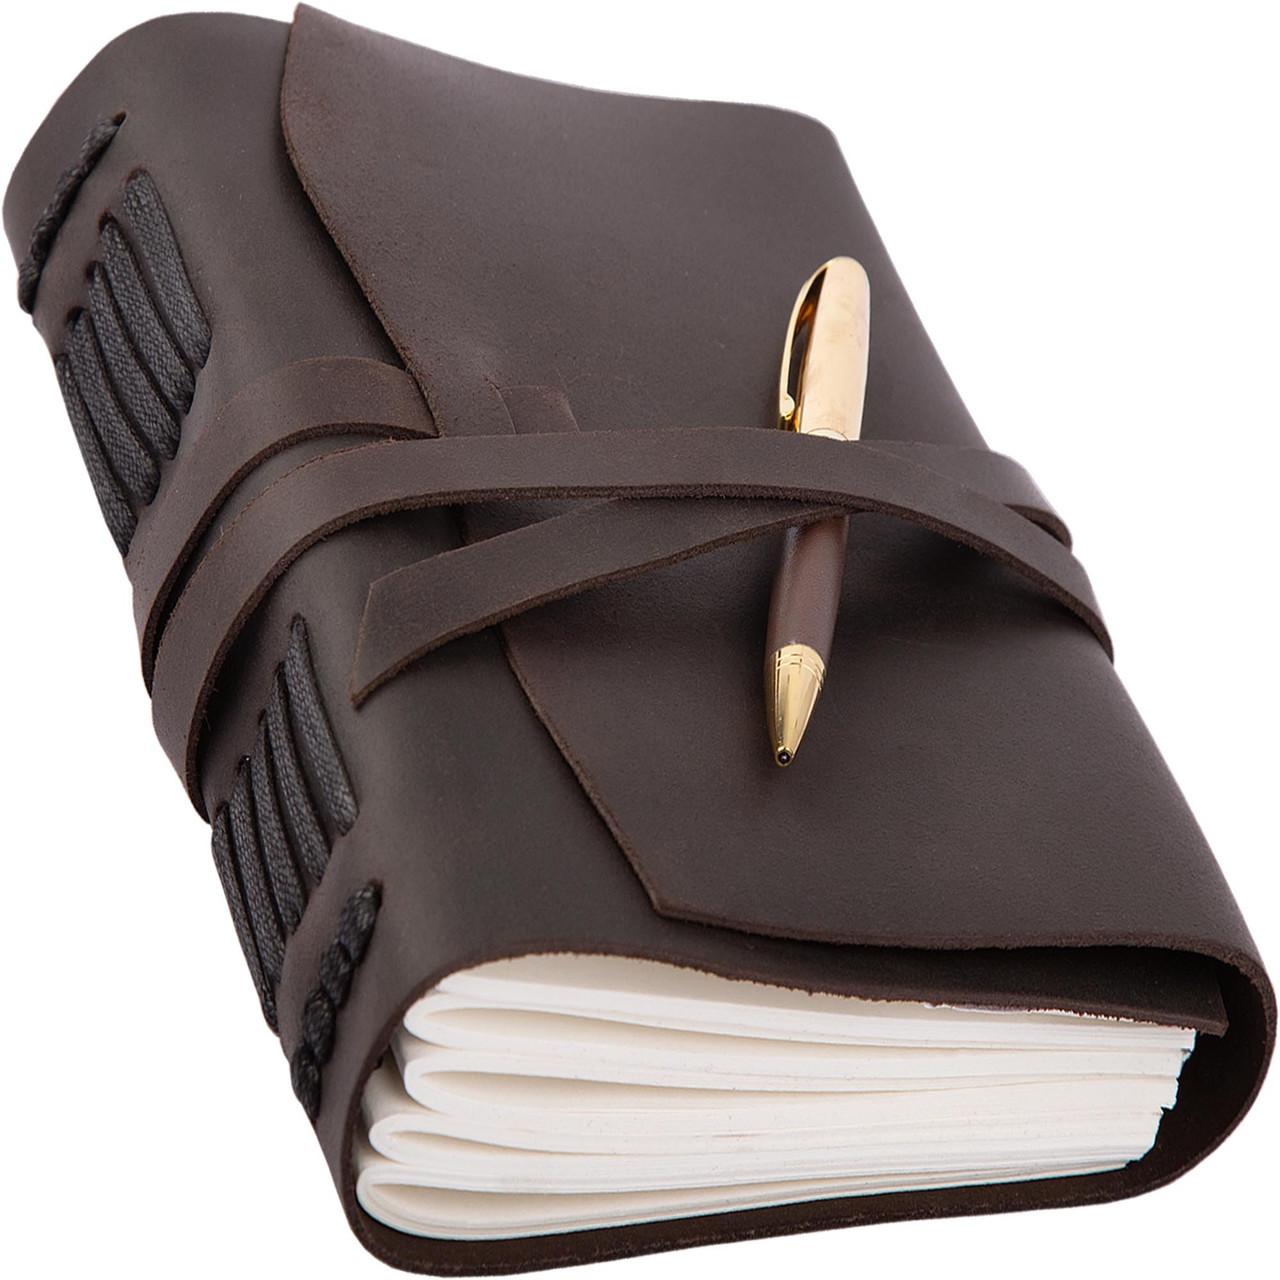 Блокнот кожаный COMFY STRAP темно-коричневый с ручкой А5 (20,5х15,0х4,0 см)